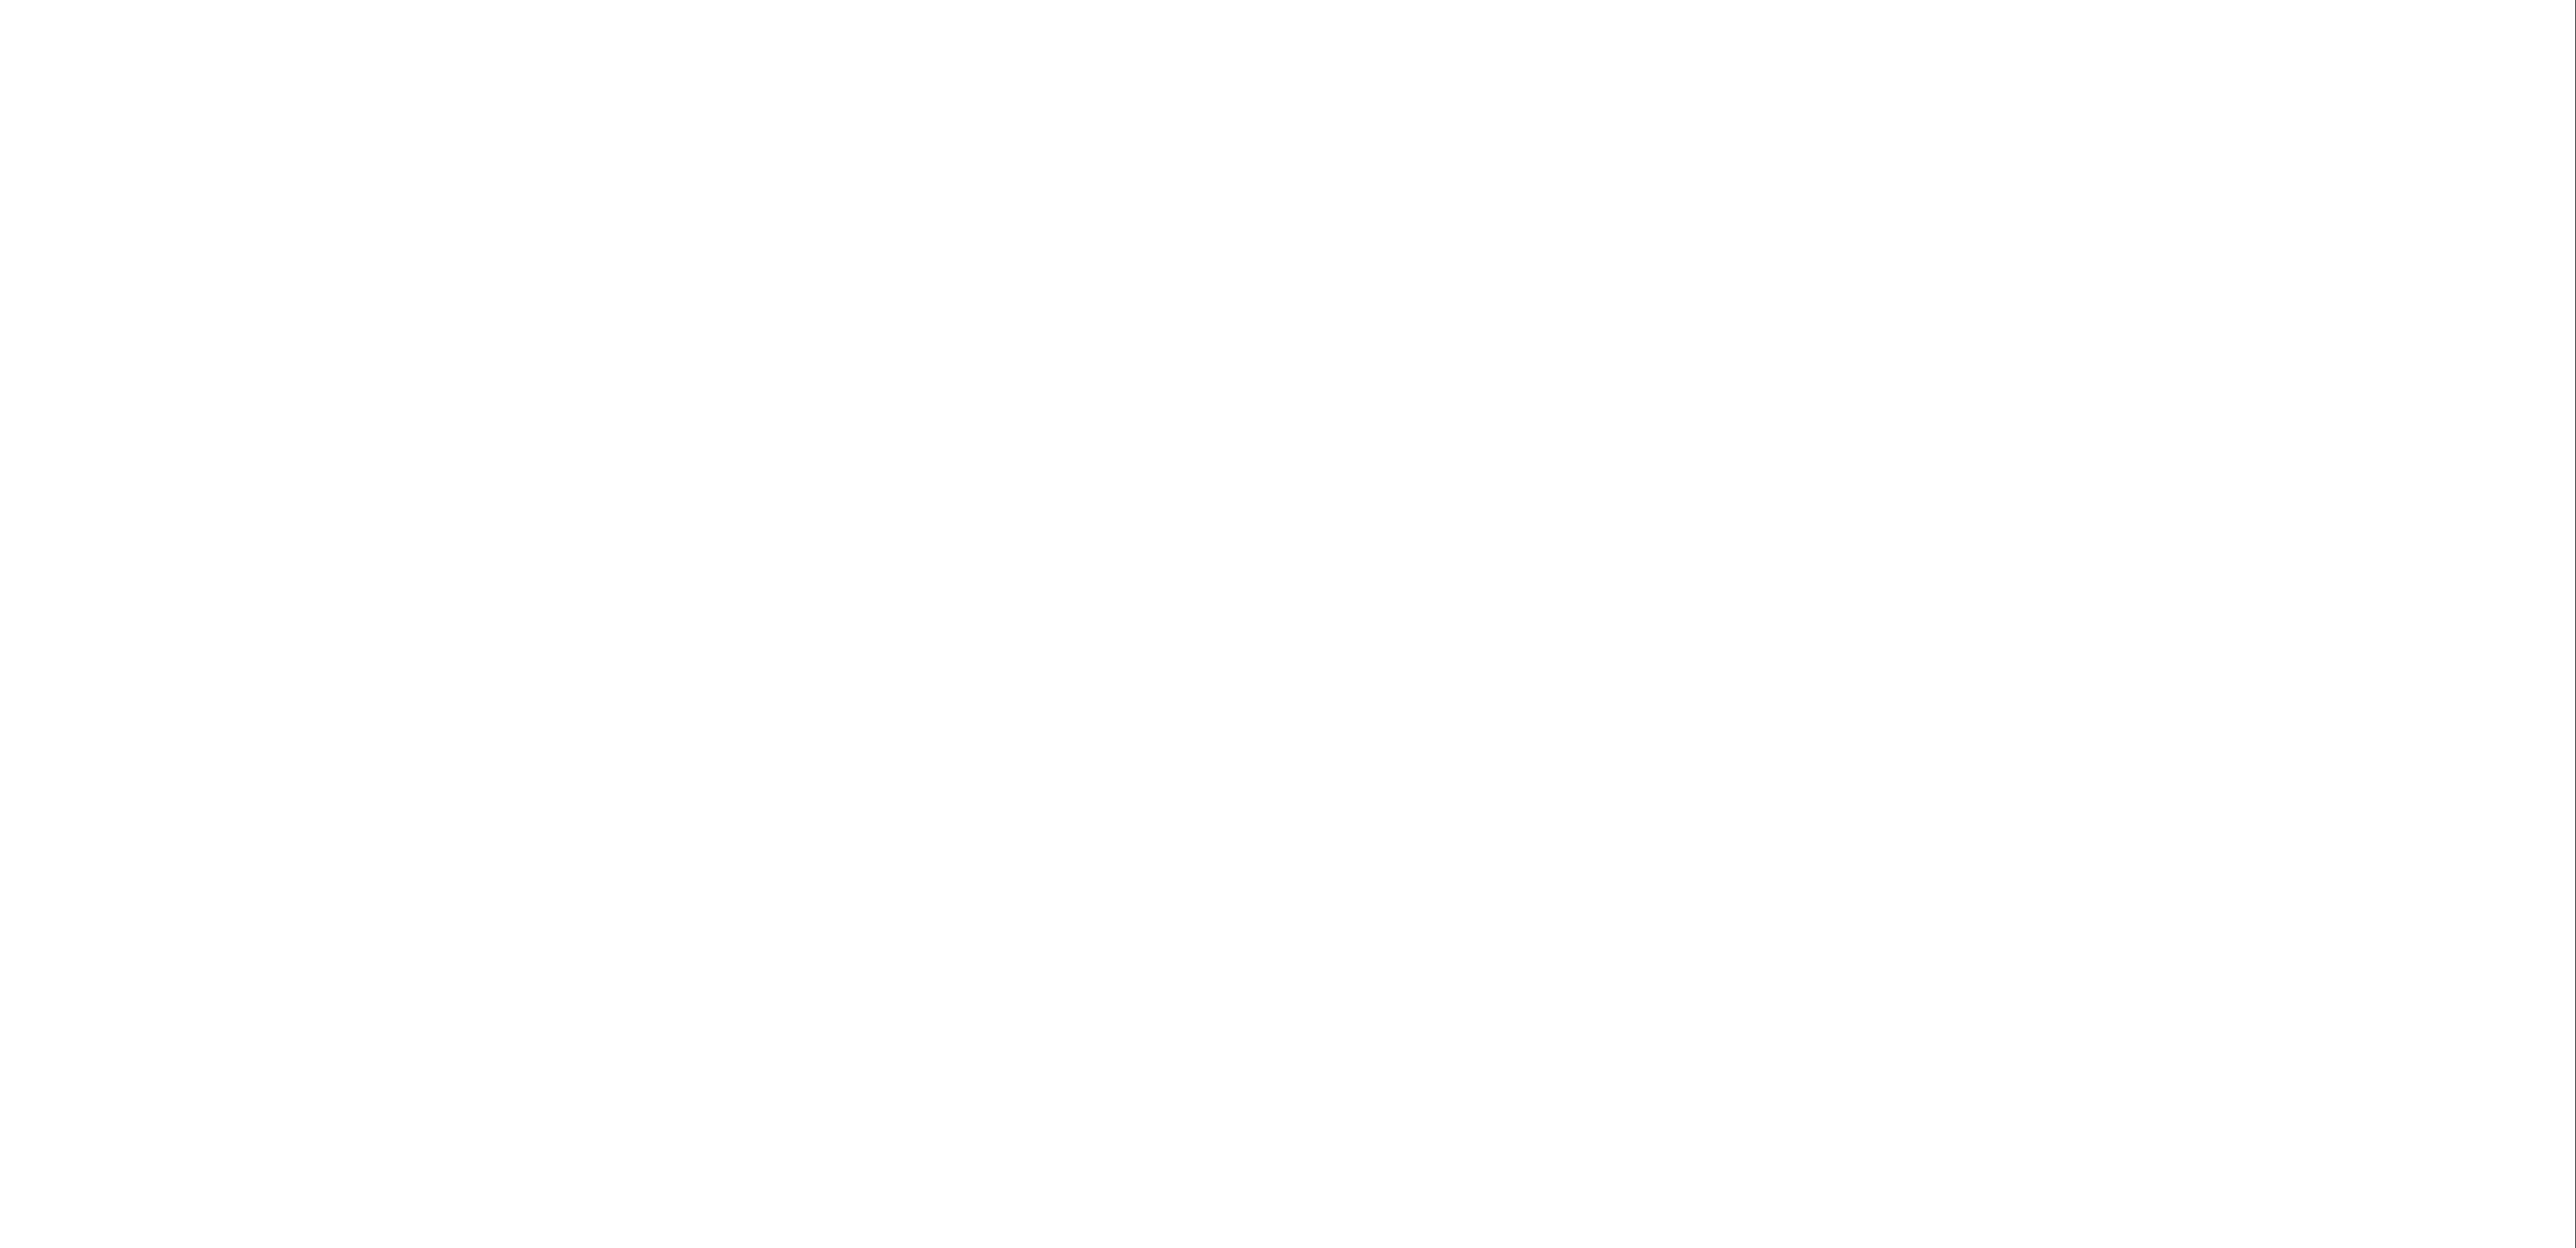 AMS_Wordmark_White_RGB